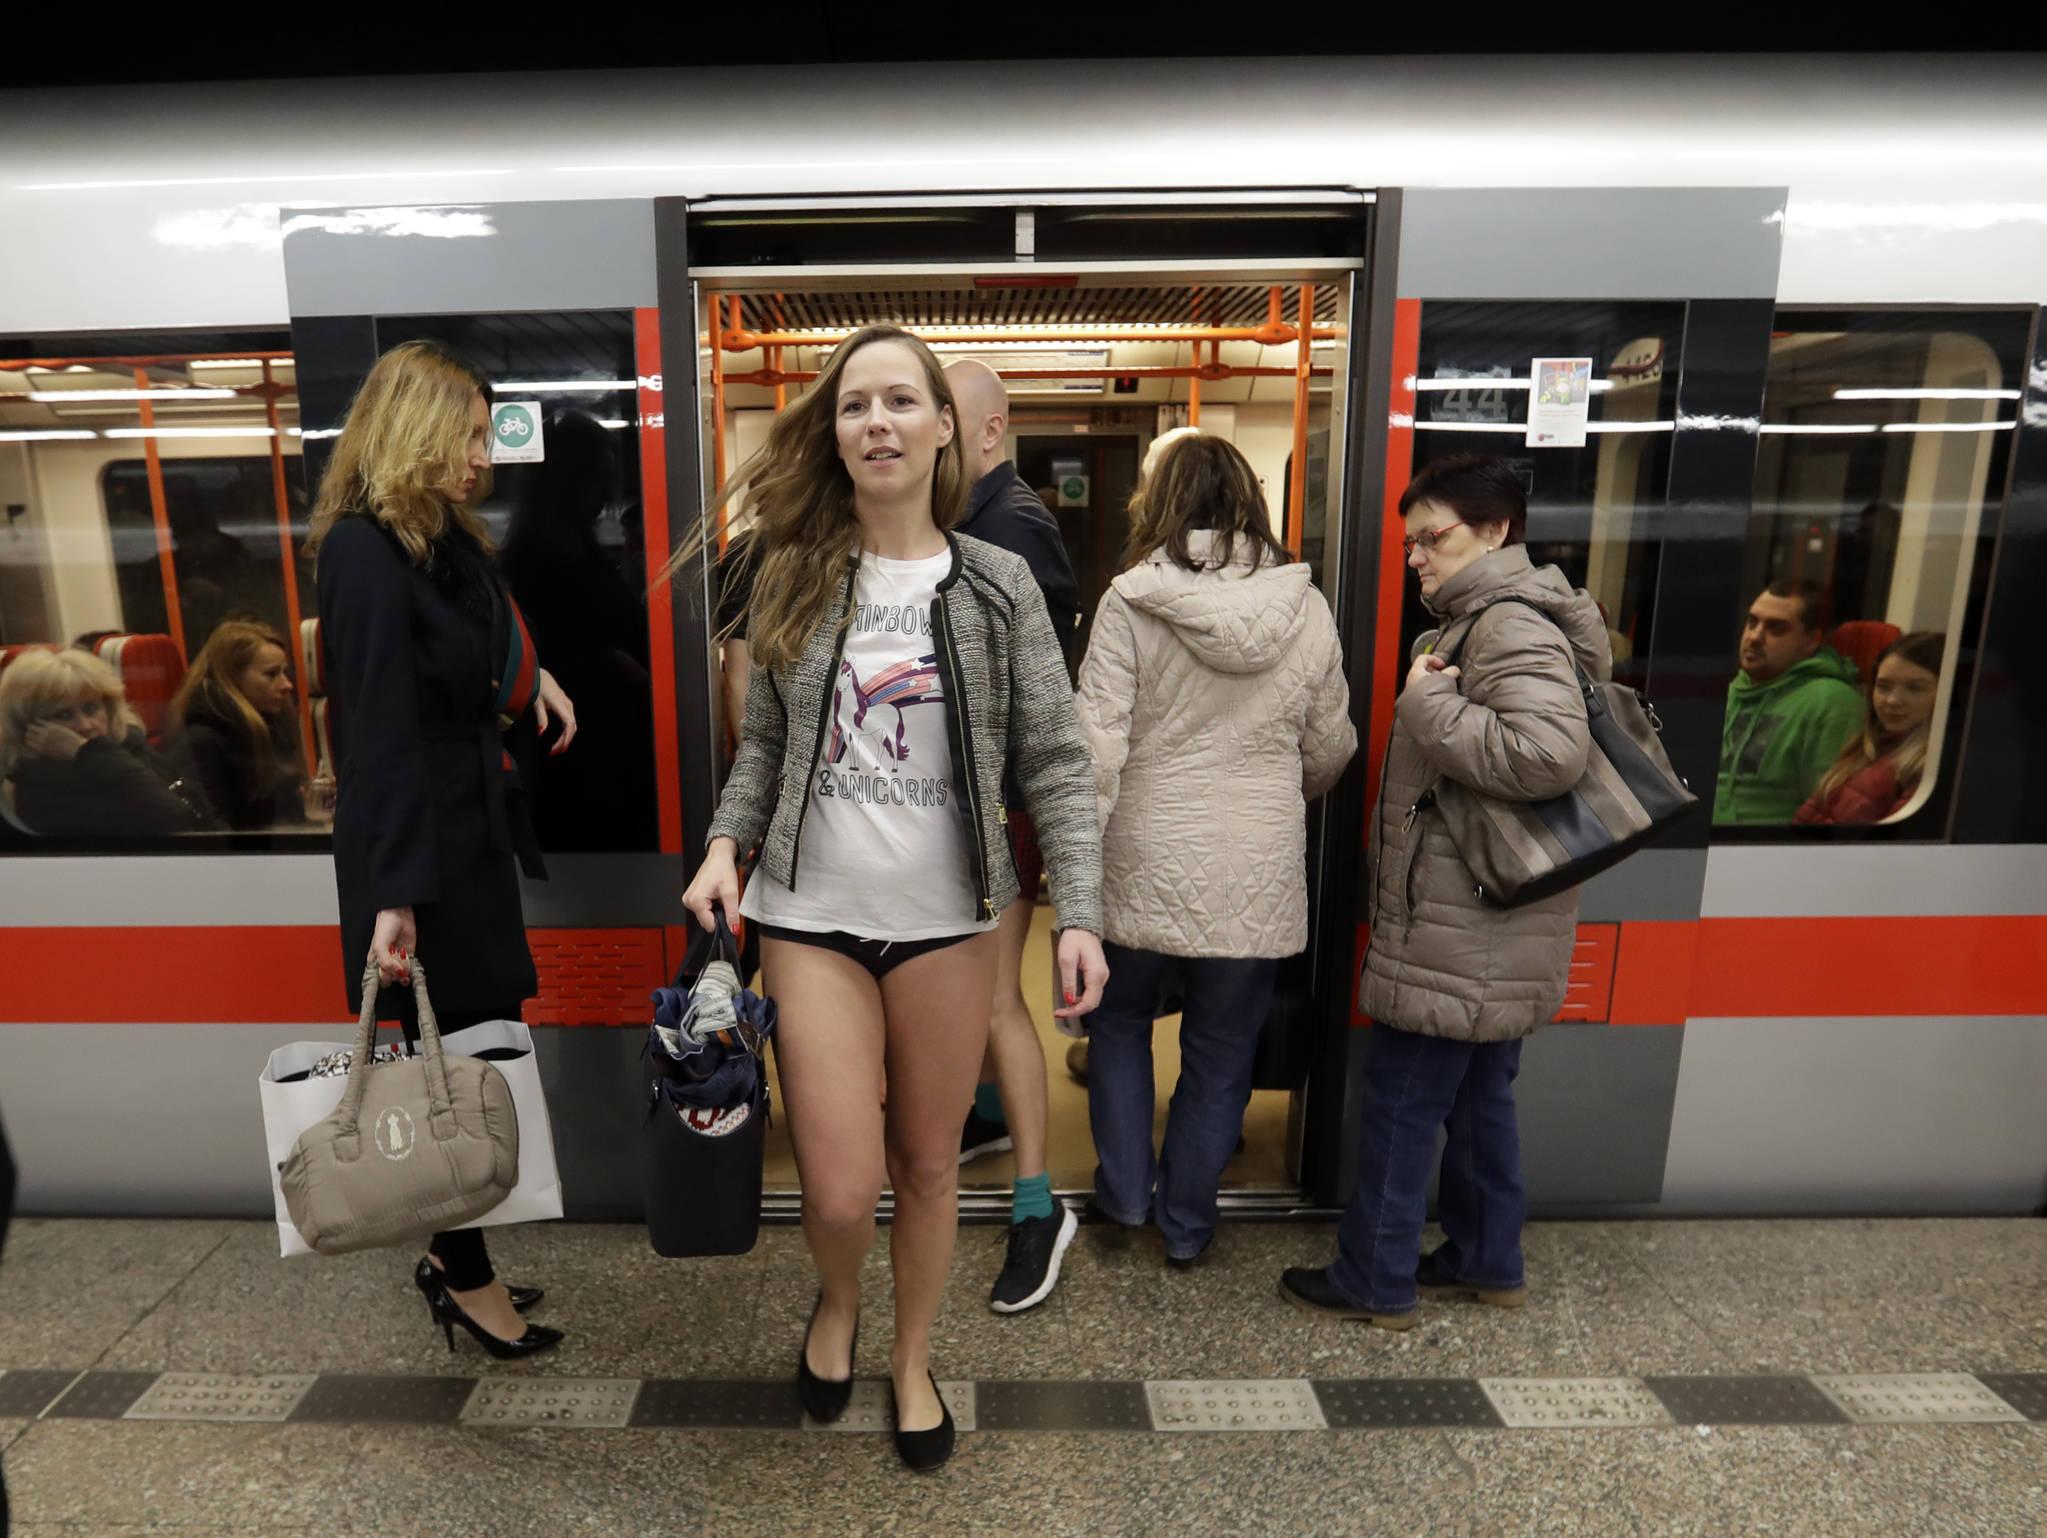 7일(현지시간) 체코 프라하에서 '바지 없이 지하철 타기'를 하고 있는 여성 승객이 지하철에서 하차하고 있다. [AP=연합뉴스]